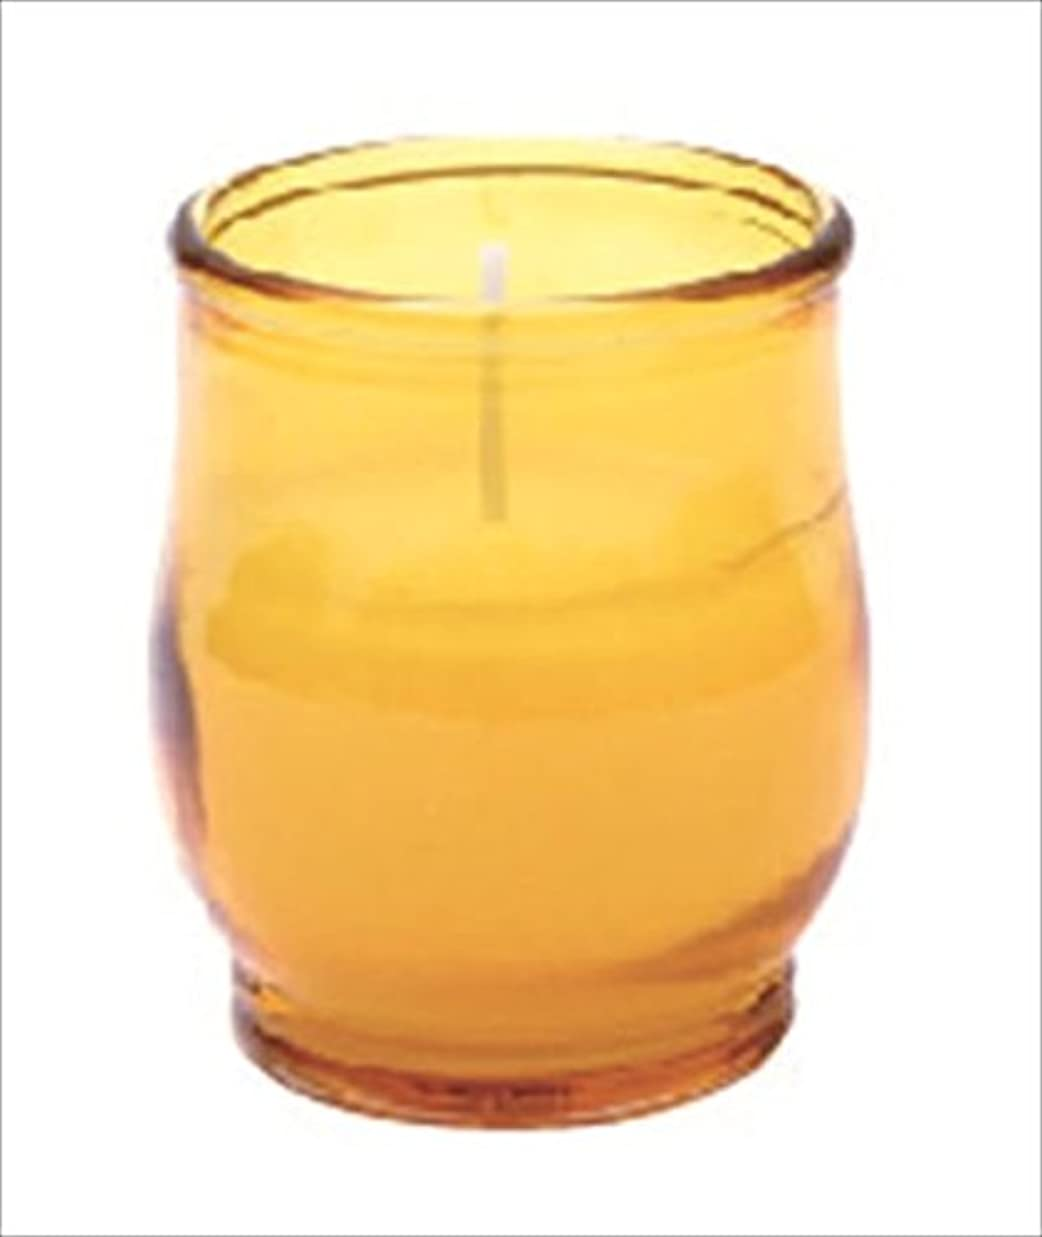 キウイドレス古いkameyama candle(カメヤマキャンドル) ポシェ 「 アンバー 」 キャンドル 68x68x80mm (73020040AM)